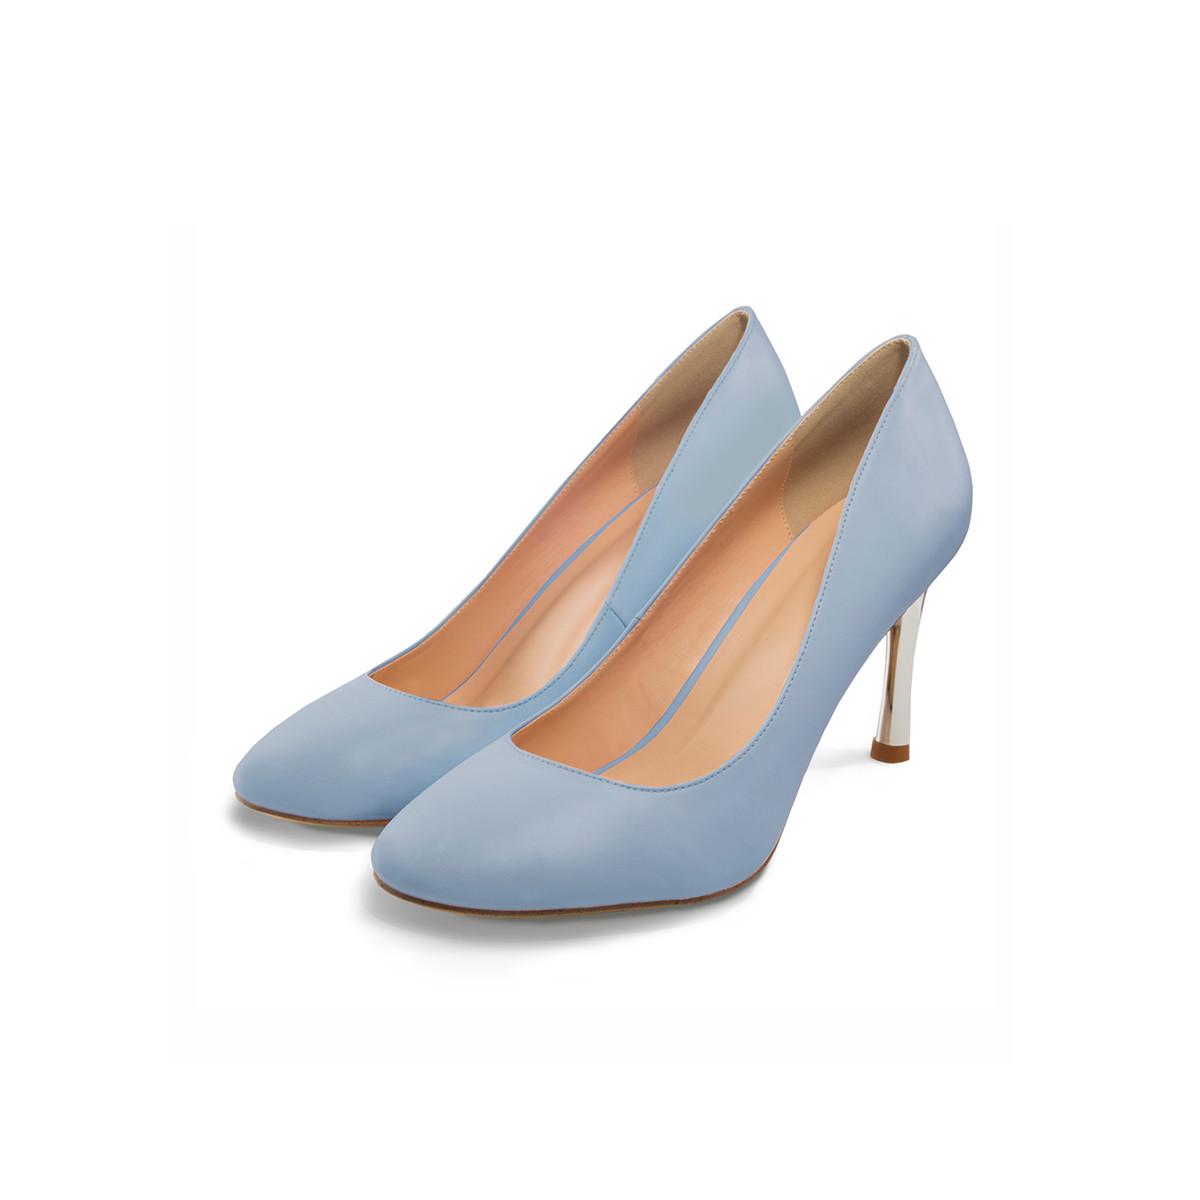 d9baa3962 Faberlic женские Туфли